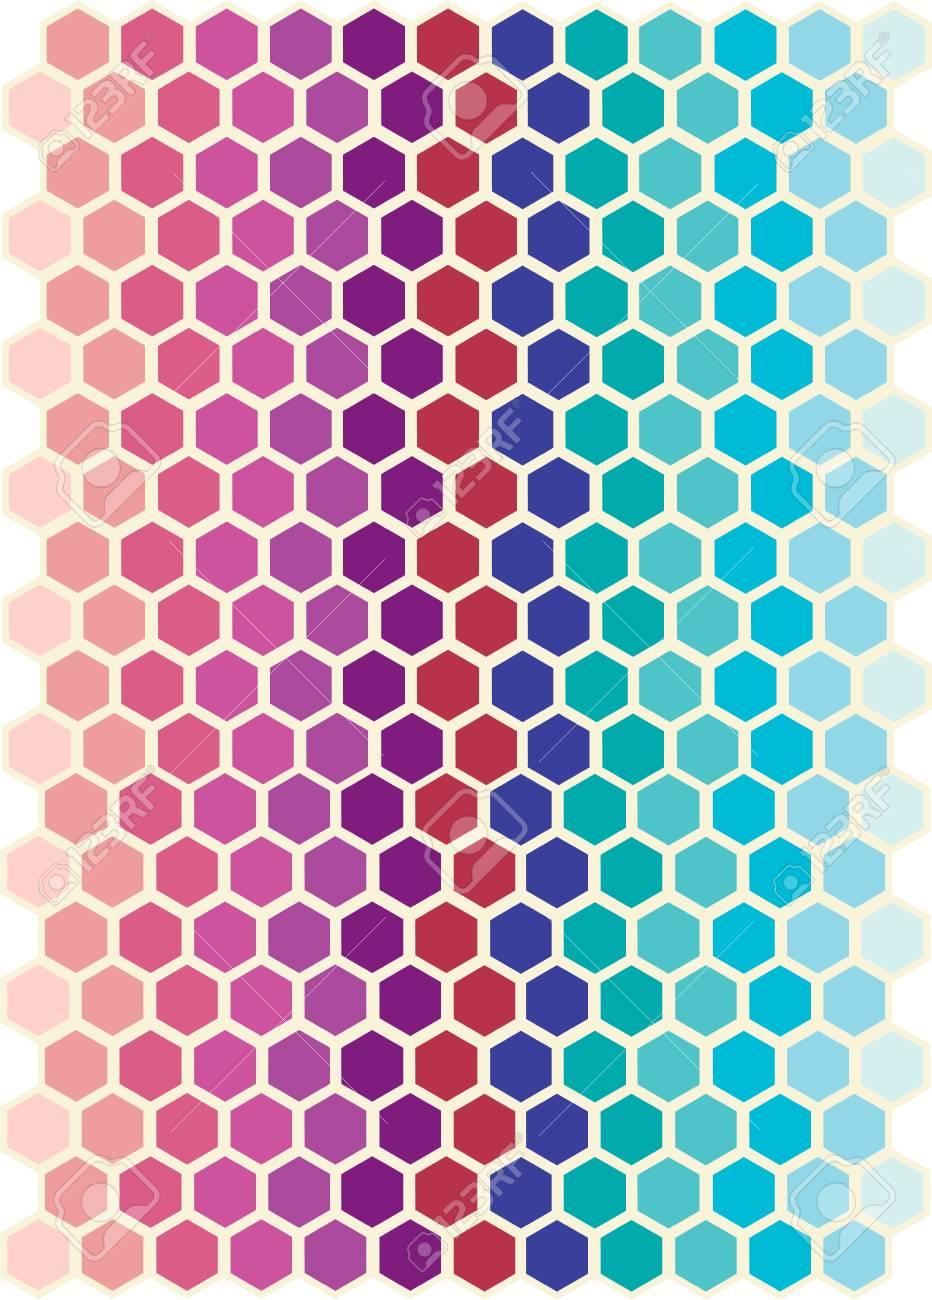 Hexagon Abstract Stock Photo - 13530510